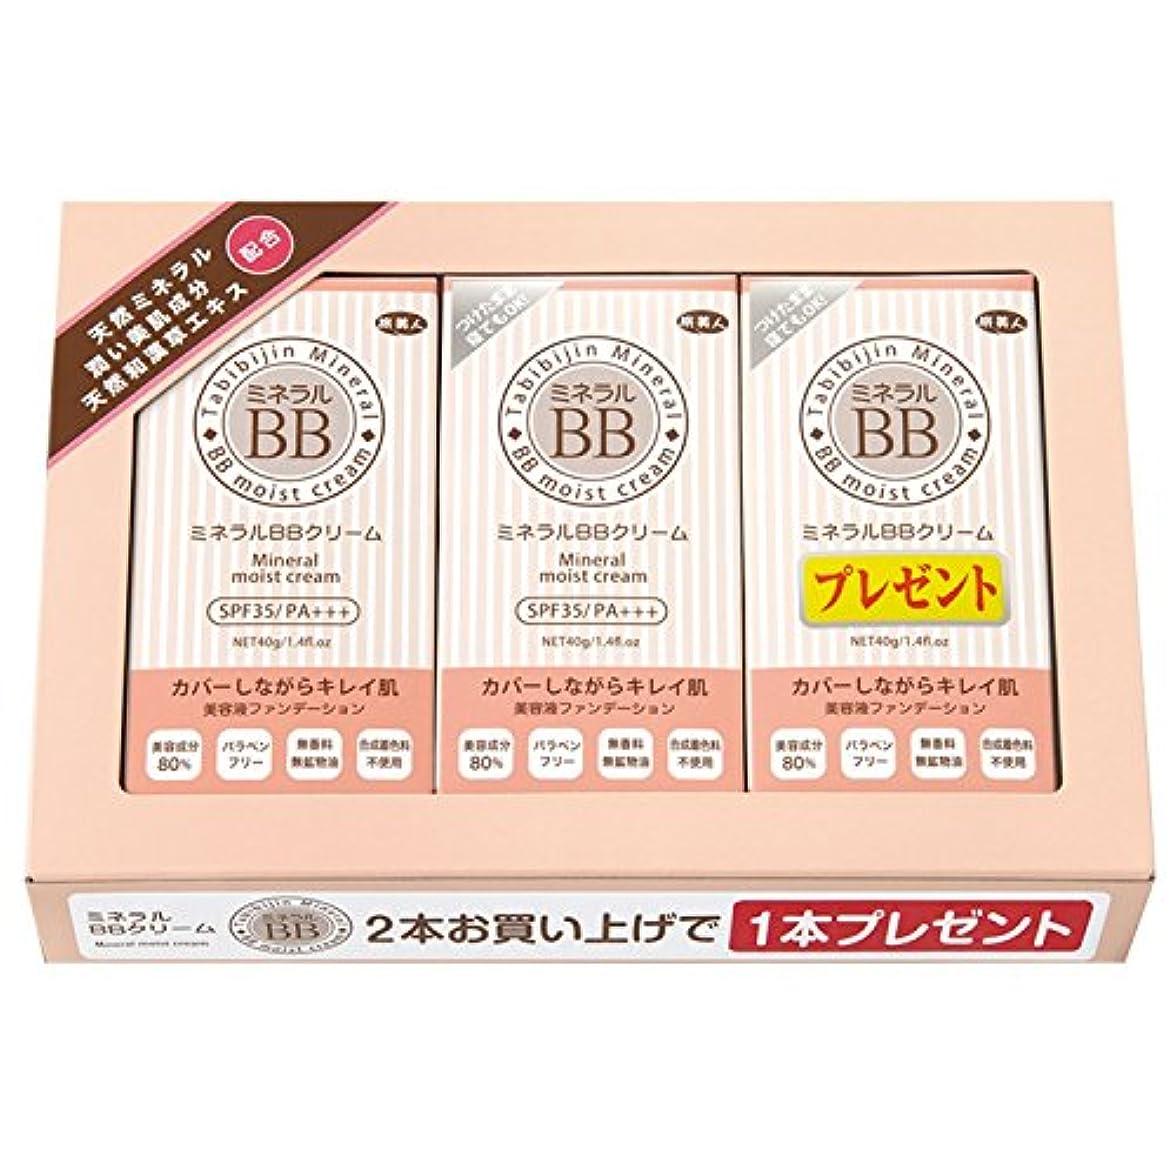 ケイ素合計魔法アズマ商事の ミネラルBBクリーム お得な 2本のお値段で3本入りセット